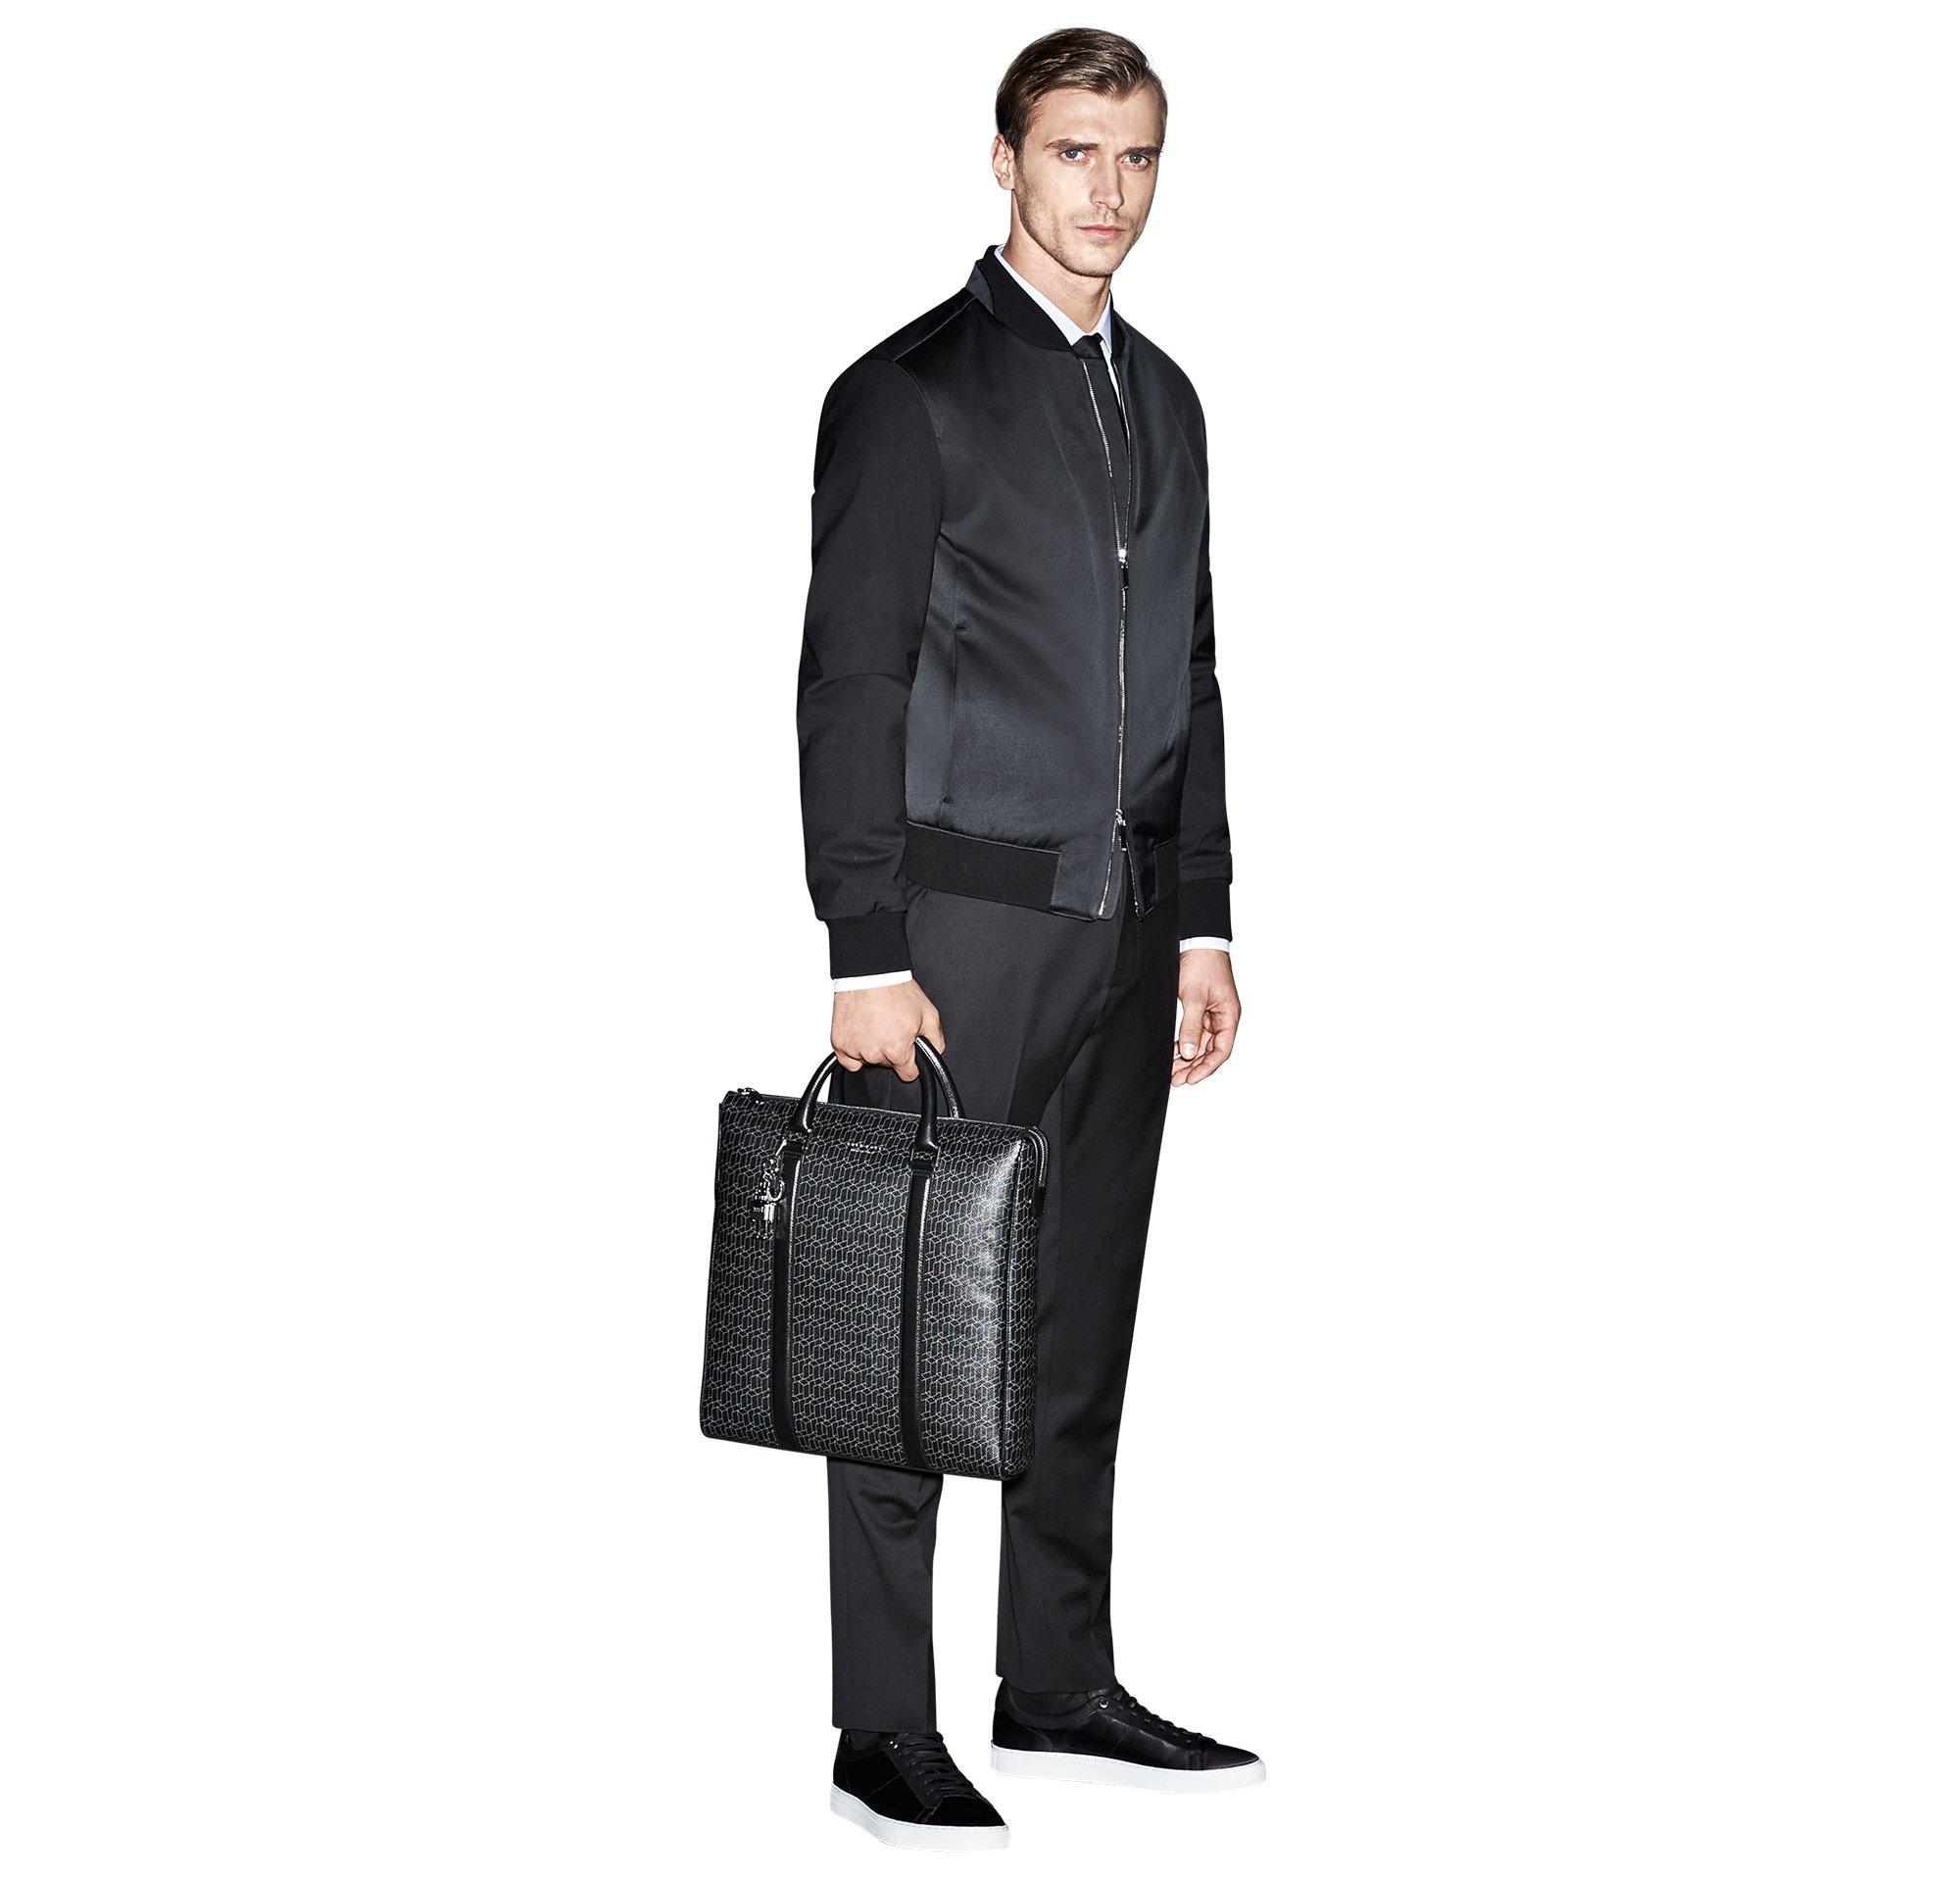 Schwarzer Blouson und Hose, weißes Hemd und schwarze Krawatte von BOSS